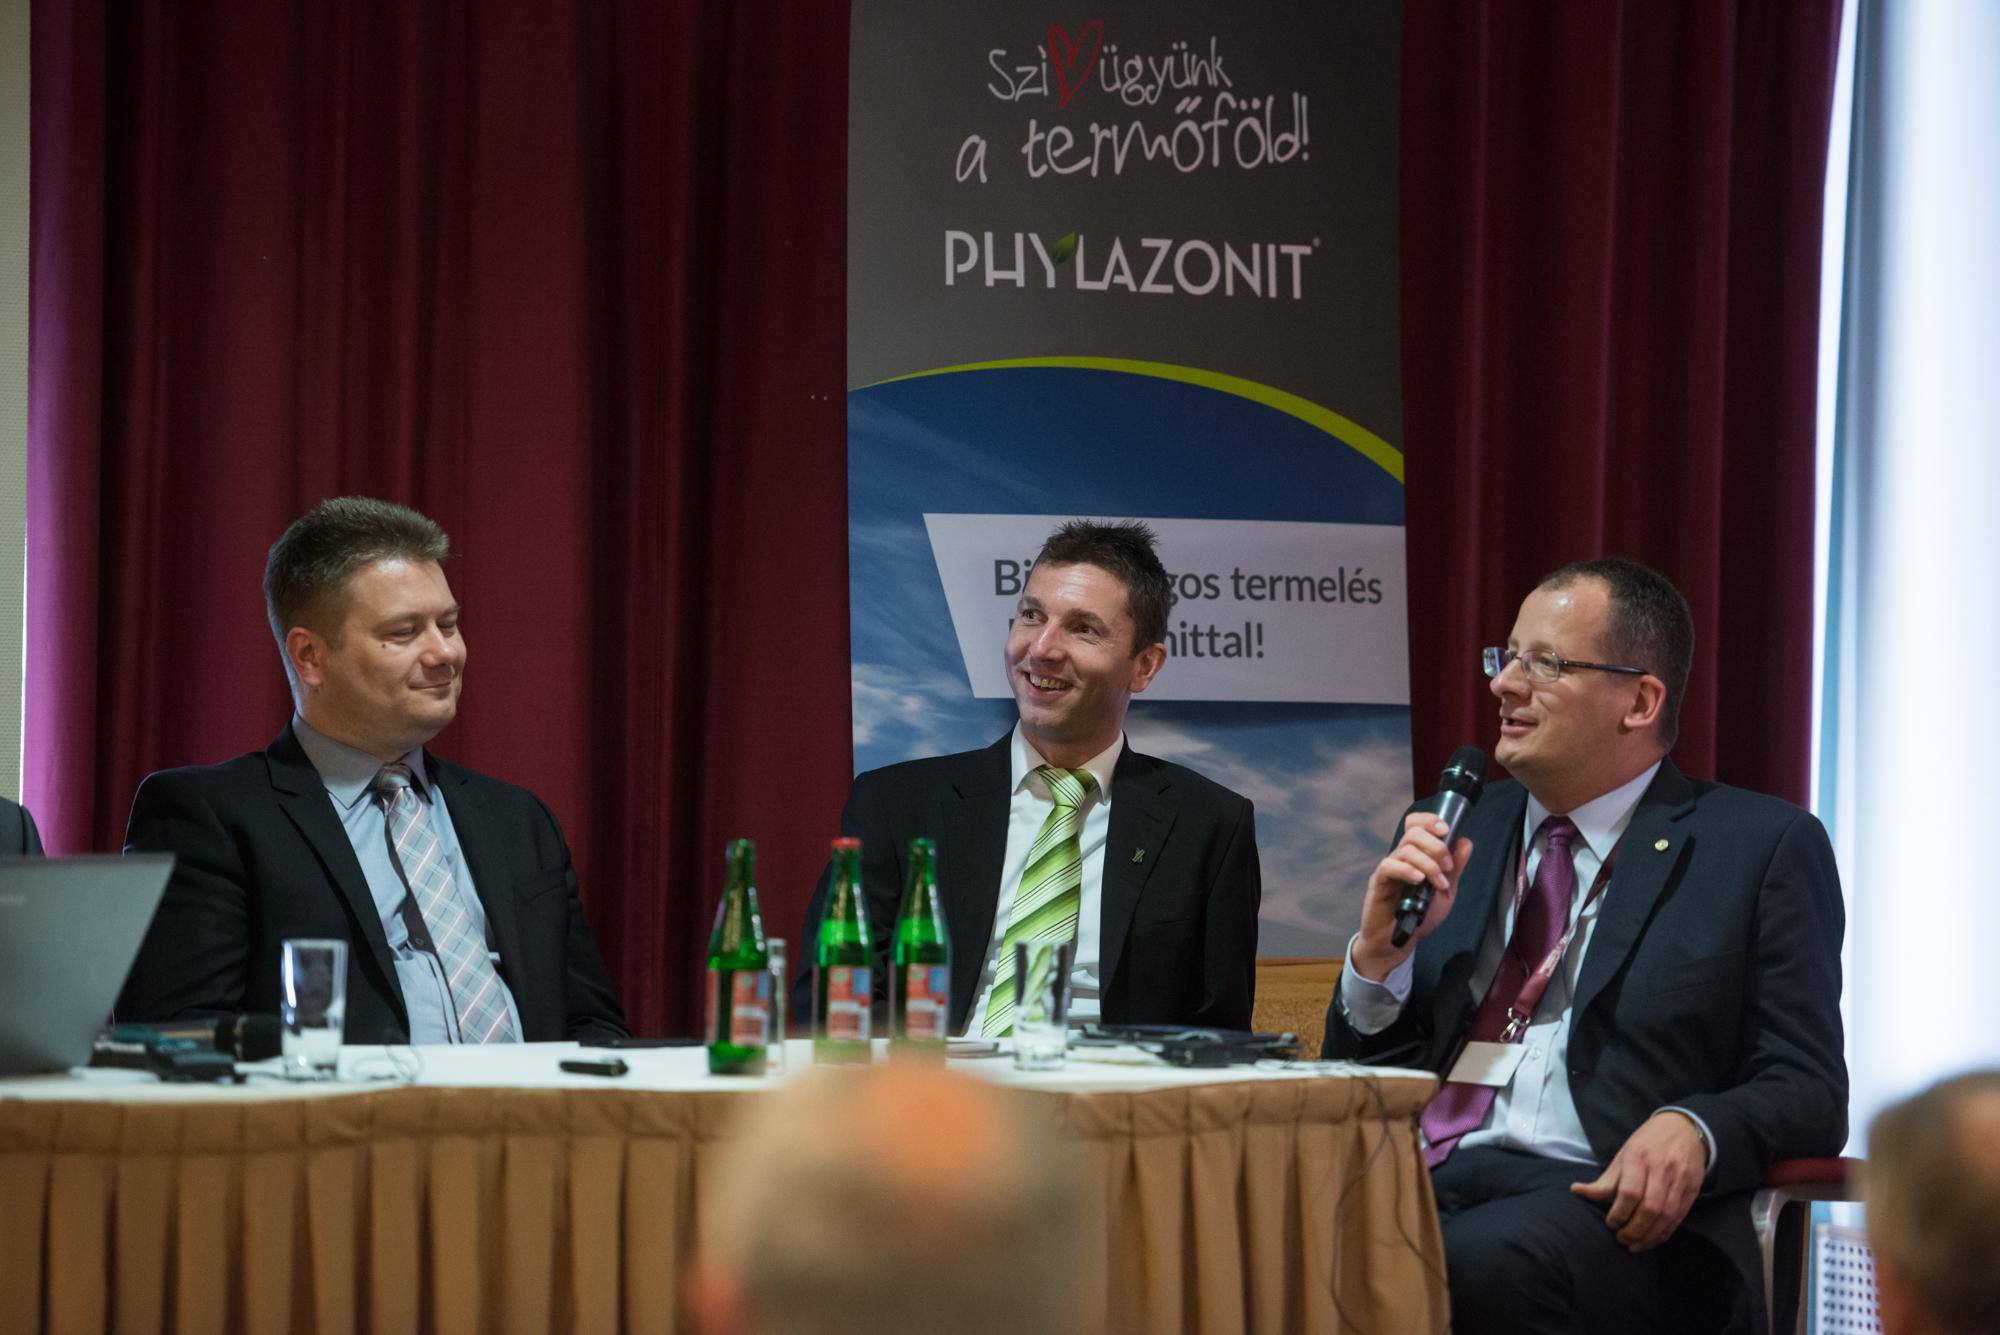 Vajda Péter (középen), az Agrova Kft. ügyvezetője ismételten felhívta a figyelmet a talajközpontú gazdálkodásra.